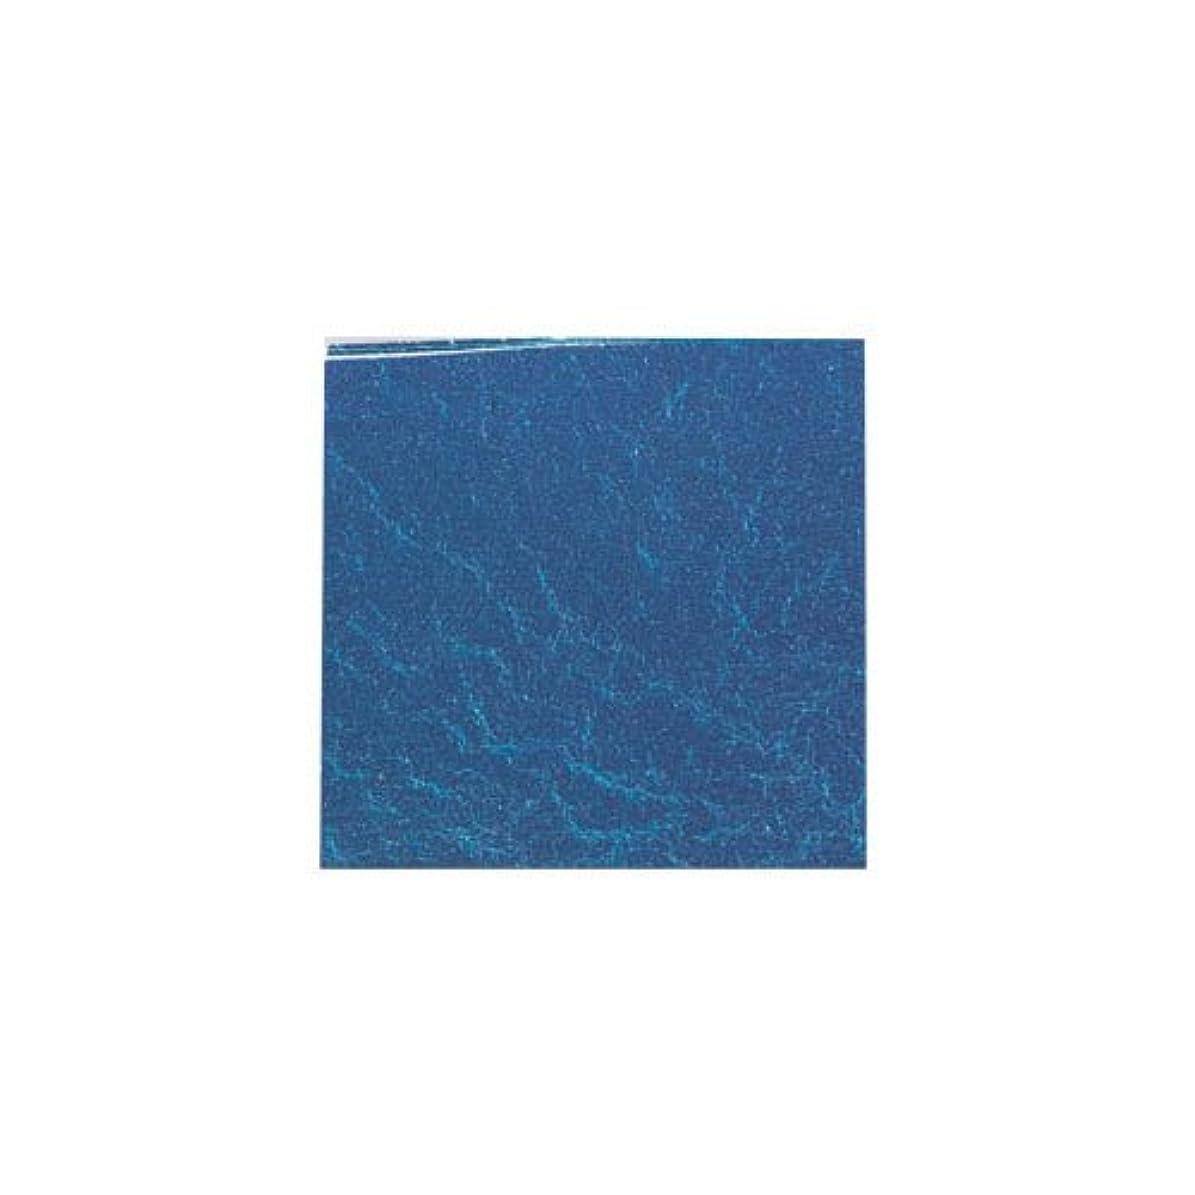 リスナー優勢急いでピカエース ネイル用パウダー カラー純銀箔 #613 藍色 3.5㎜角×5枚